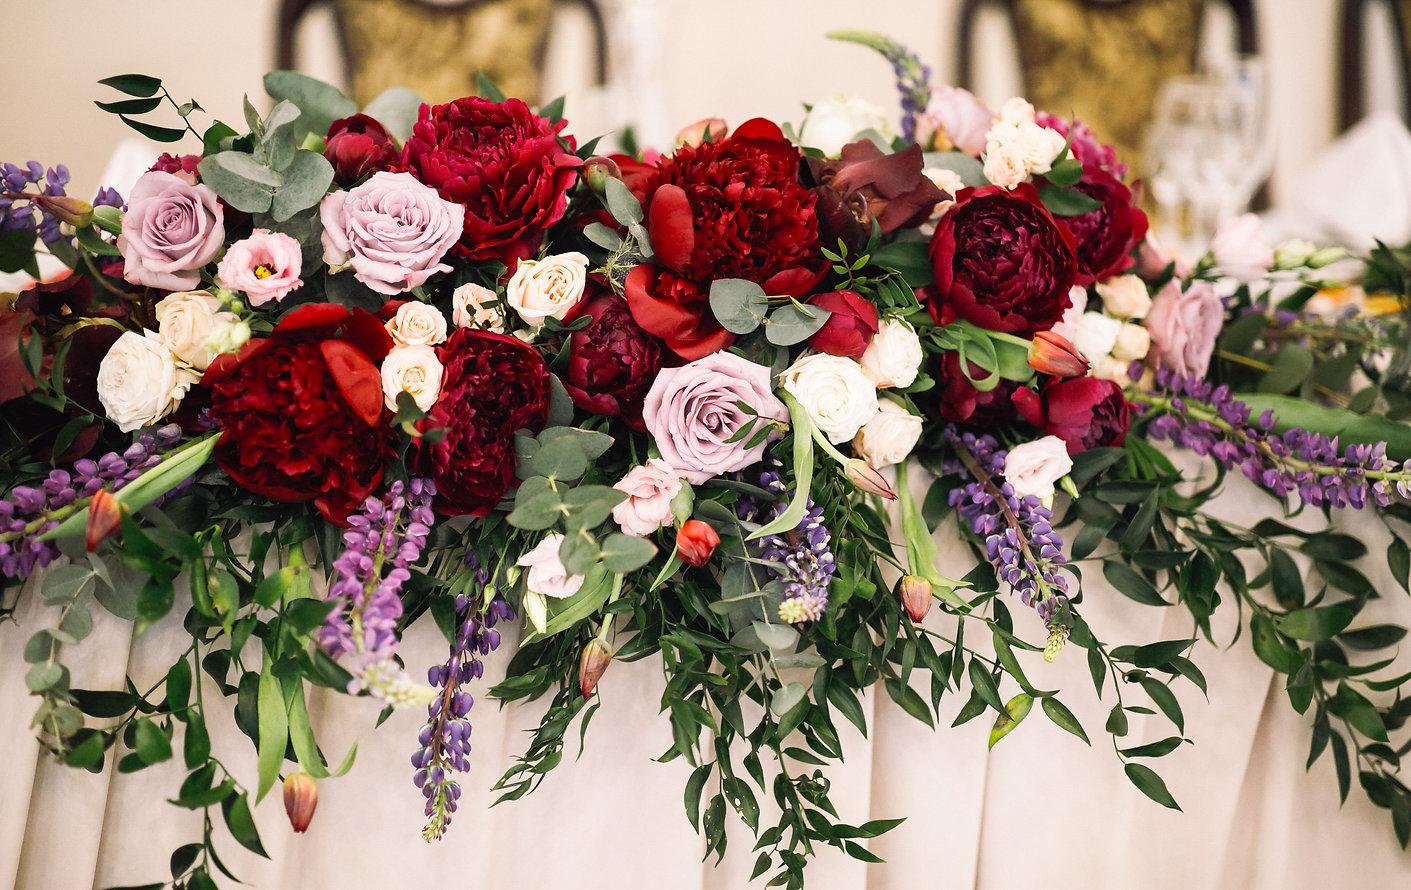 wedding table2.jpeg